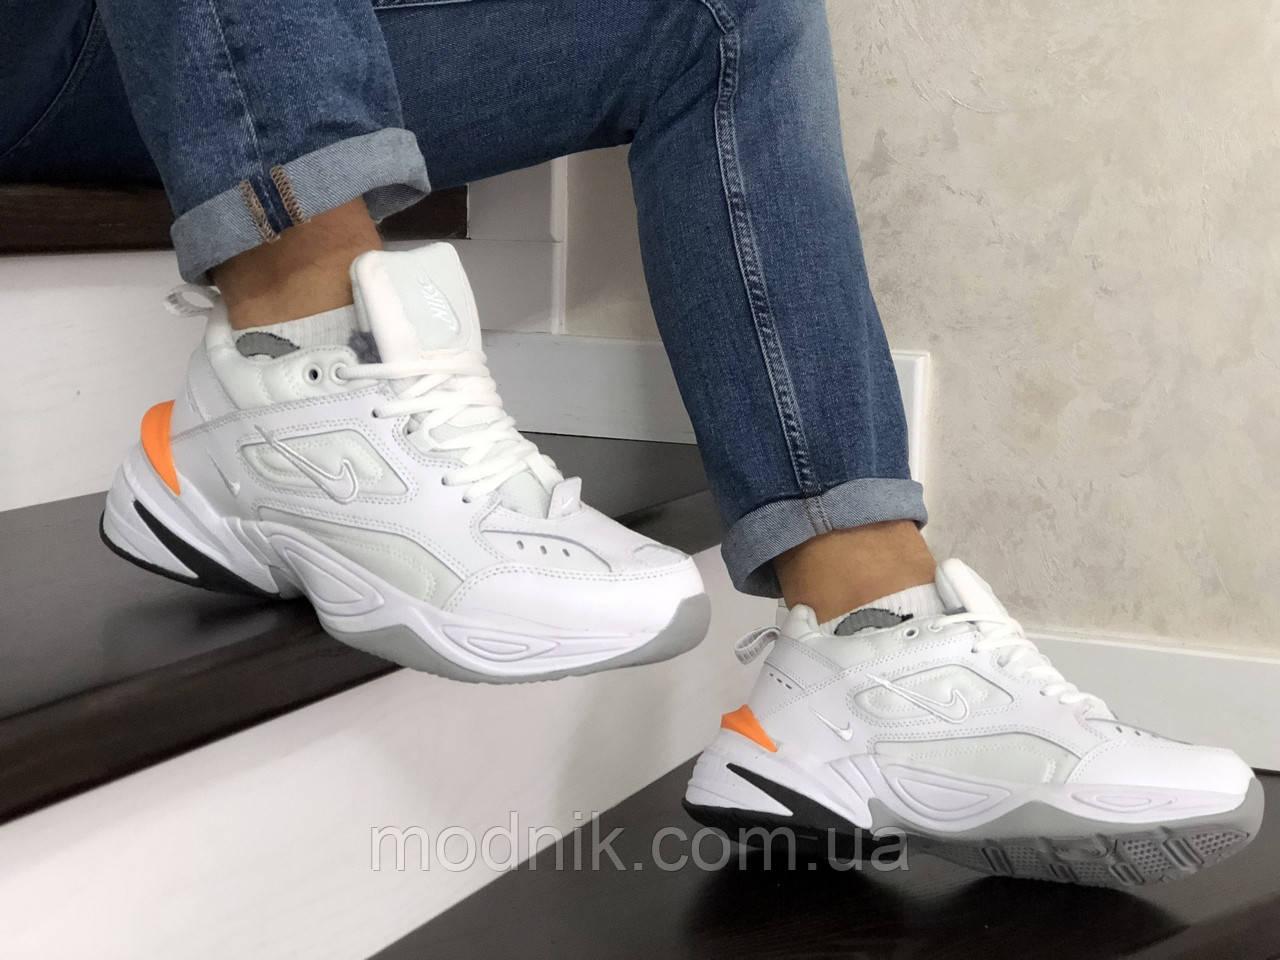 Мужские зимние кроссовки Nike Air Monarch (белые)